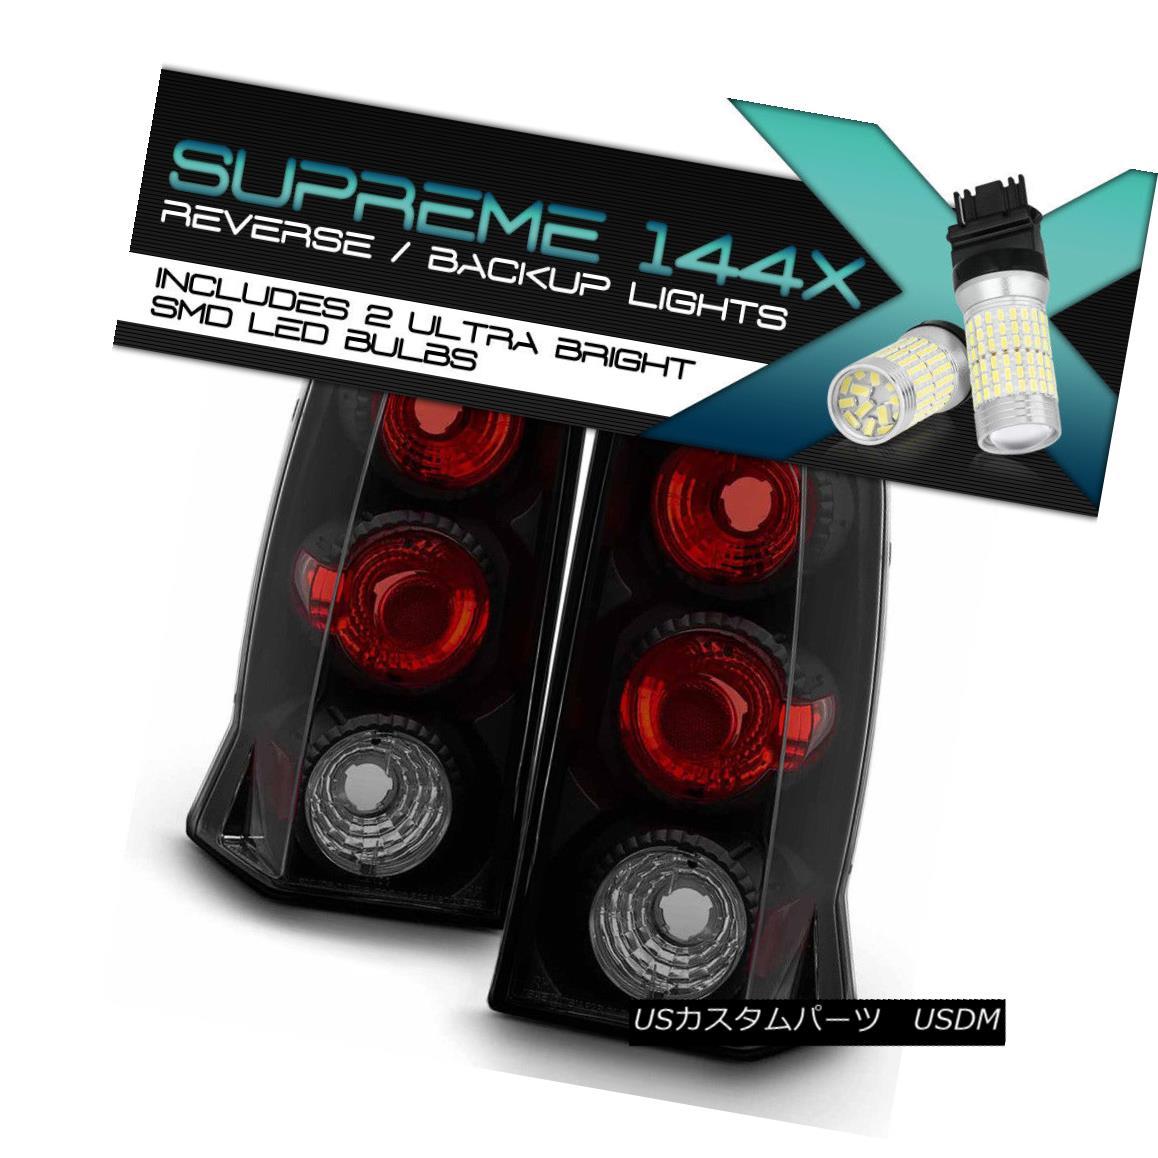 テールライト !360 Degree SMD Backup! 02-06 Cadillac Escalade ESV Tail Lights Left+Right SET 360度SMDバックアップ! 02-06キャデラックエスカレードESVテールライト左+右SET